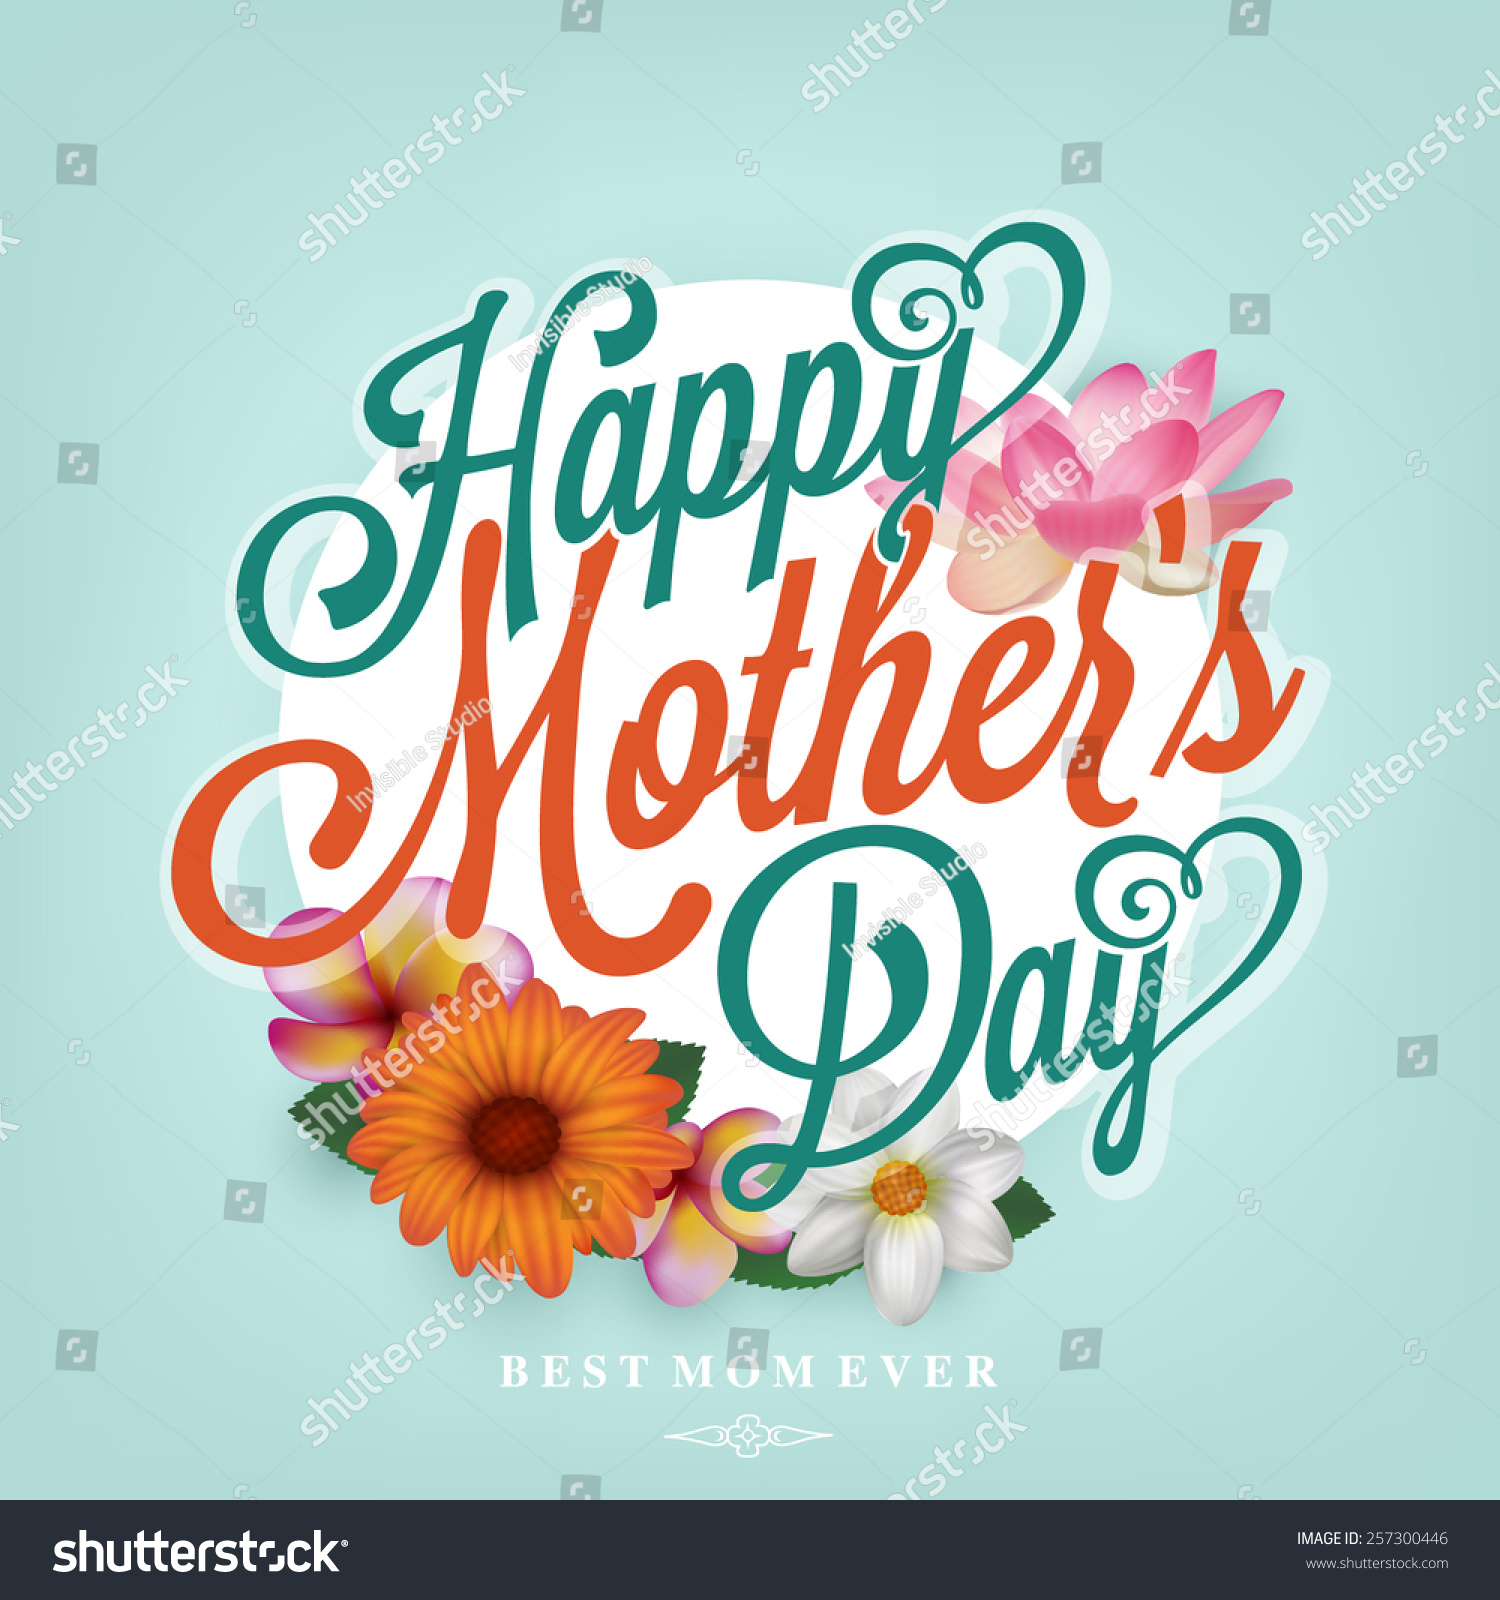 母亲节快乐印刷背景,美丽的春天的花朵